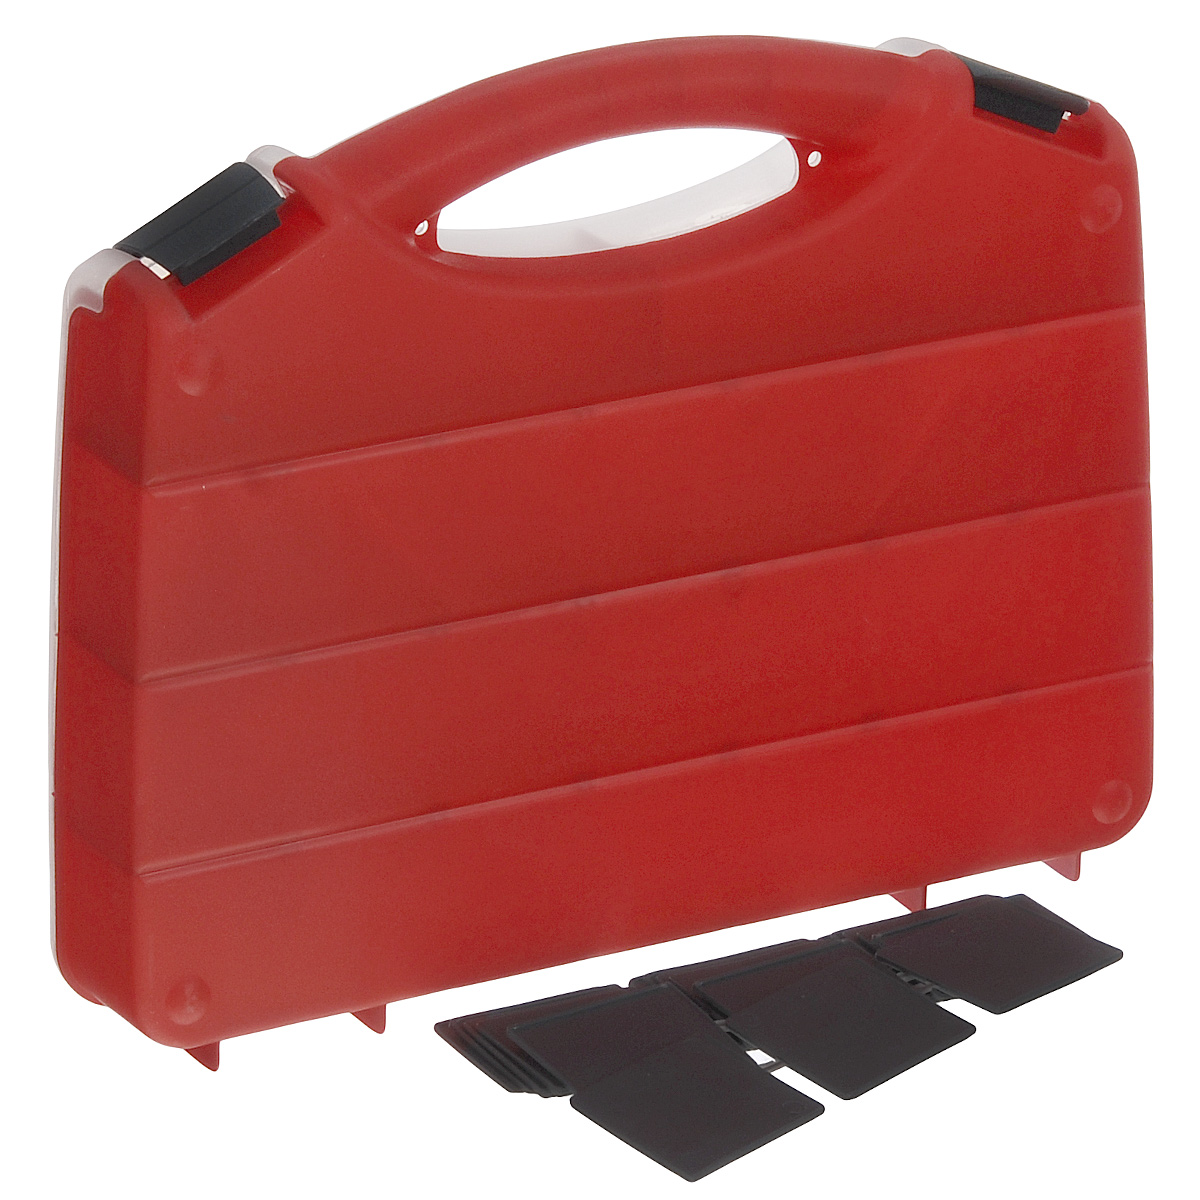 Органайзер Blocker Profi, со съемными перегородками, цвет: красный, 32 см х 26 см х 5,5 см7917IMLОрганайзер Blocker Profi изготовлен из высококачественного прочного пластика и предназначен для хранения и переноски инструментов, рыболовных принадлежностей и различных мелочей. Оснащен 5 большими отделениями, в три из которых можно вставить перегородки. Органайзер надежно закрывается при помощи пластмассовых защелок. Крышка выполнена из прозрачного пластика, что позволяет видеть содержимое.Размер самого большого отделения: 30,2 см х 5,5 см х 4,5 см.Размер самого маленького отделения: 4,5 см х 5,5 см х 4,5 см.